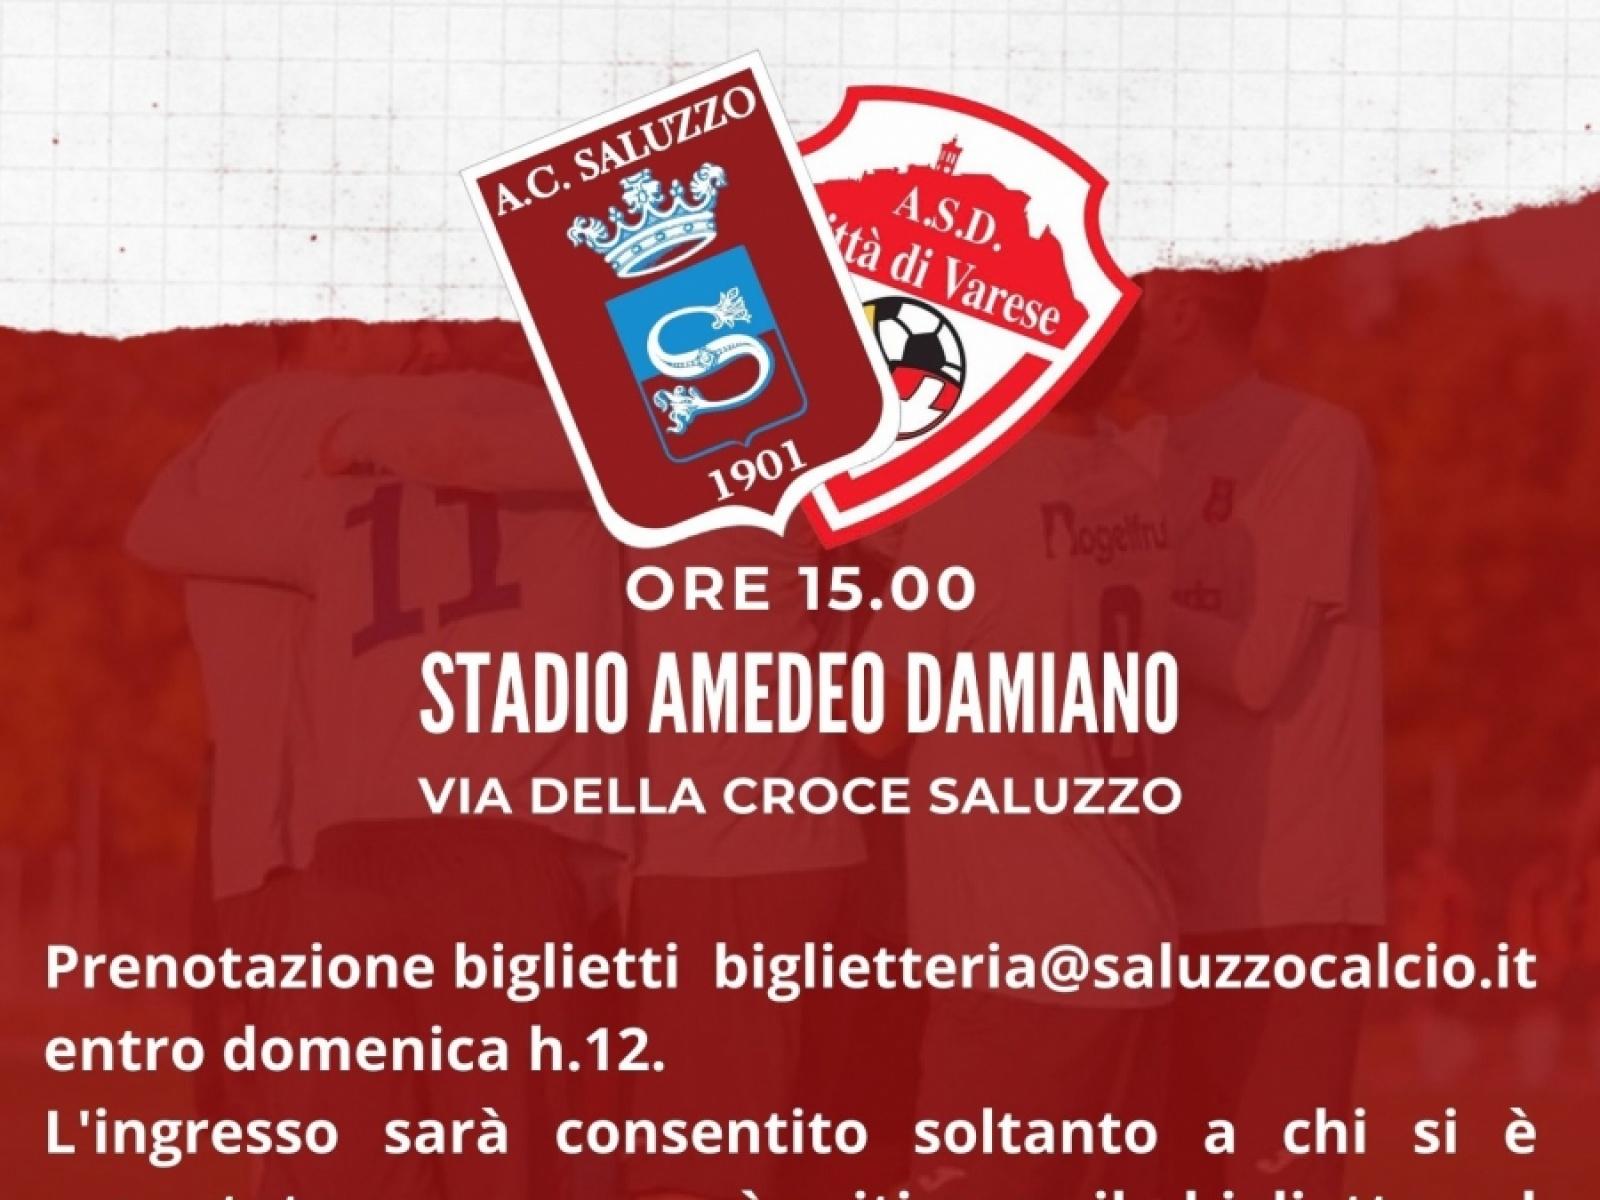 Saluzzo vs Città di Varese